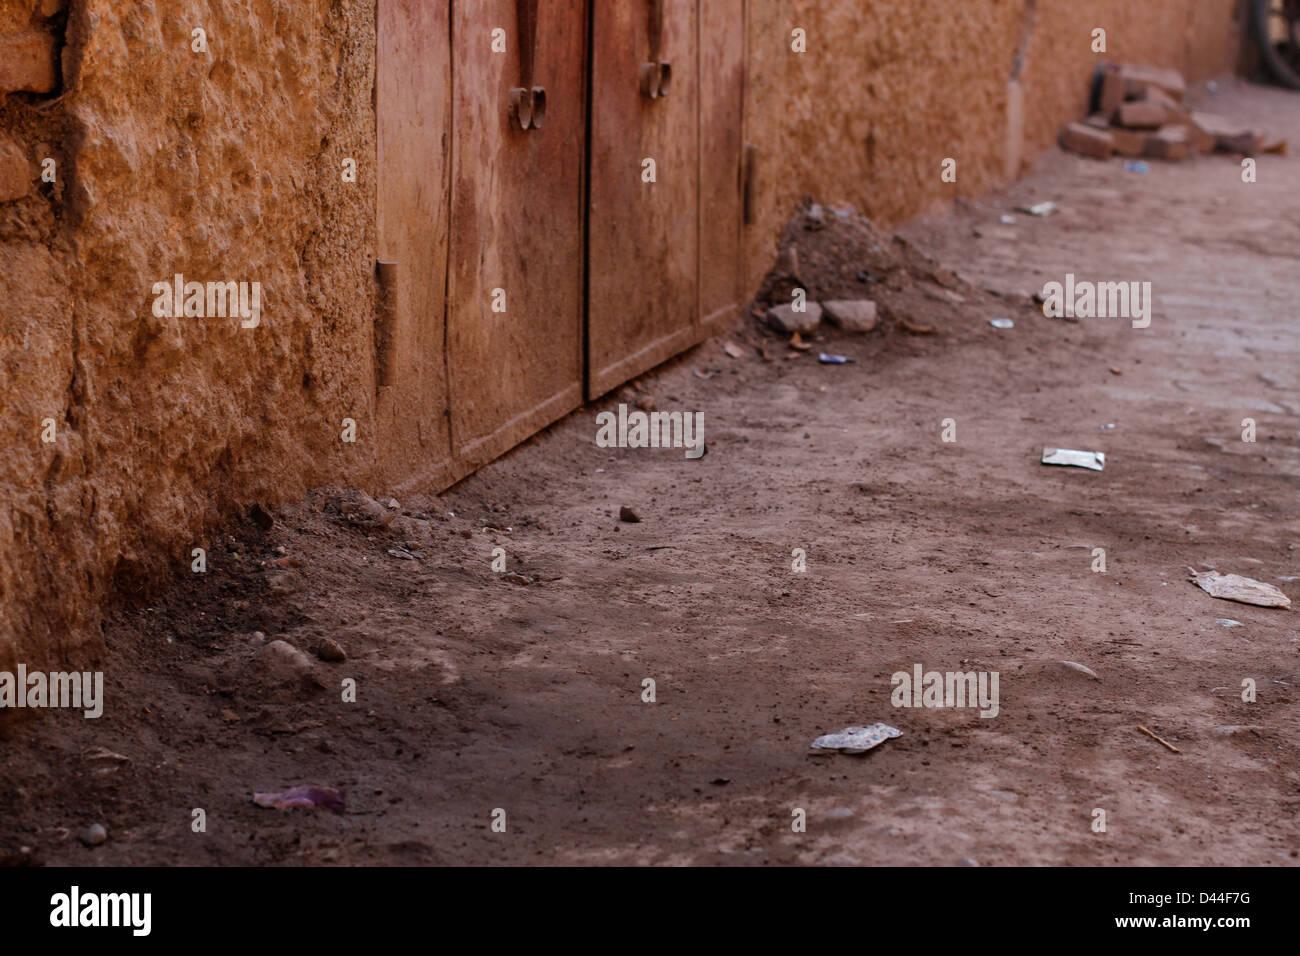 Dirt Floor Stock Photo 54189508  Alamy